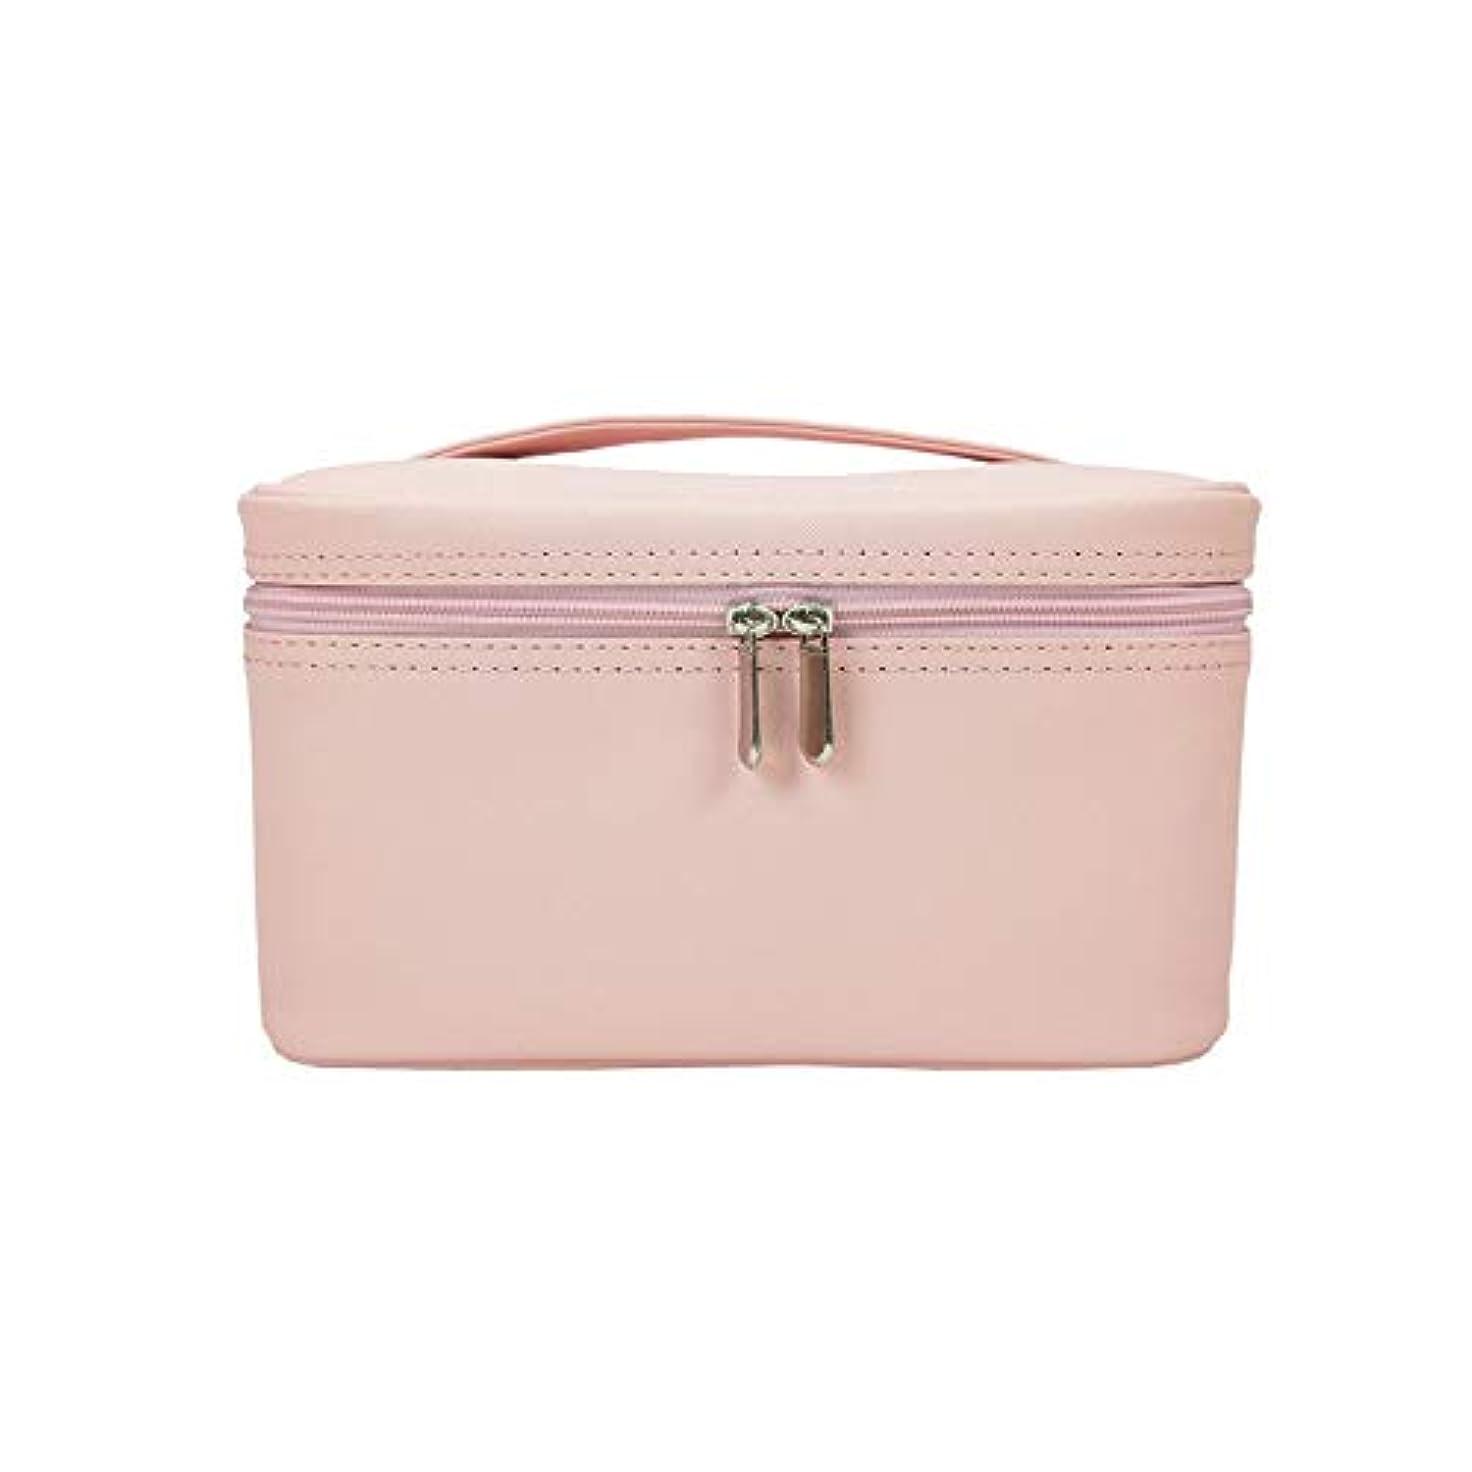 着替えるポーンフラップ特大スペース収納ビューティーボックス 女の子の女性旅行のための新しく、実用的な携帯用化粧箱およびロックおよび皿が付いている毎日の貯蔵 化粧品化粧台 (色 : ピンク)